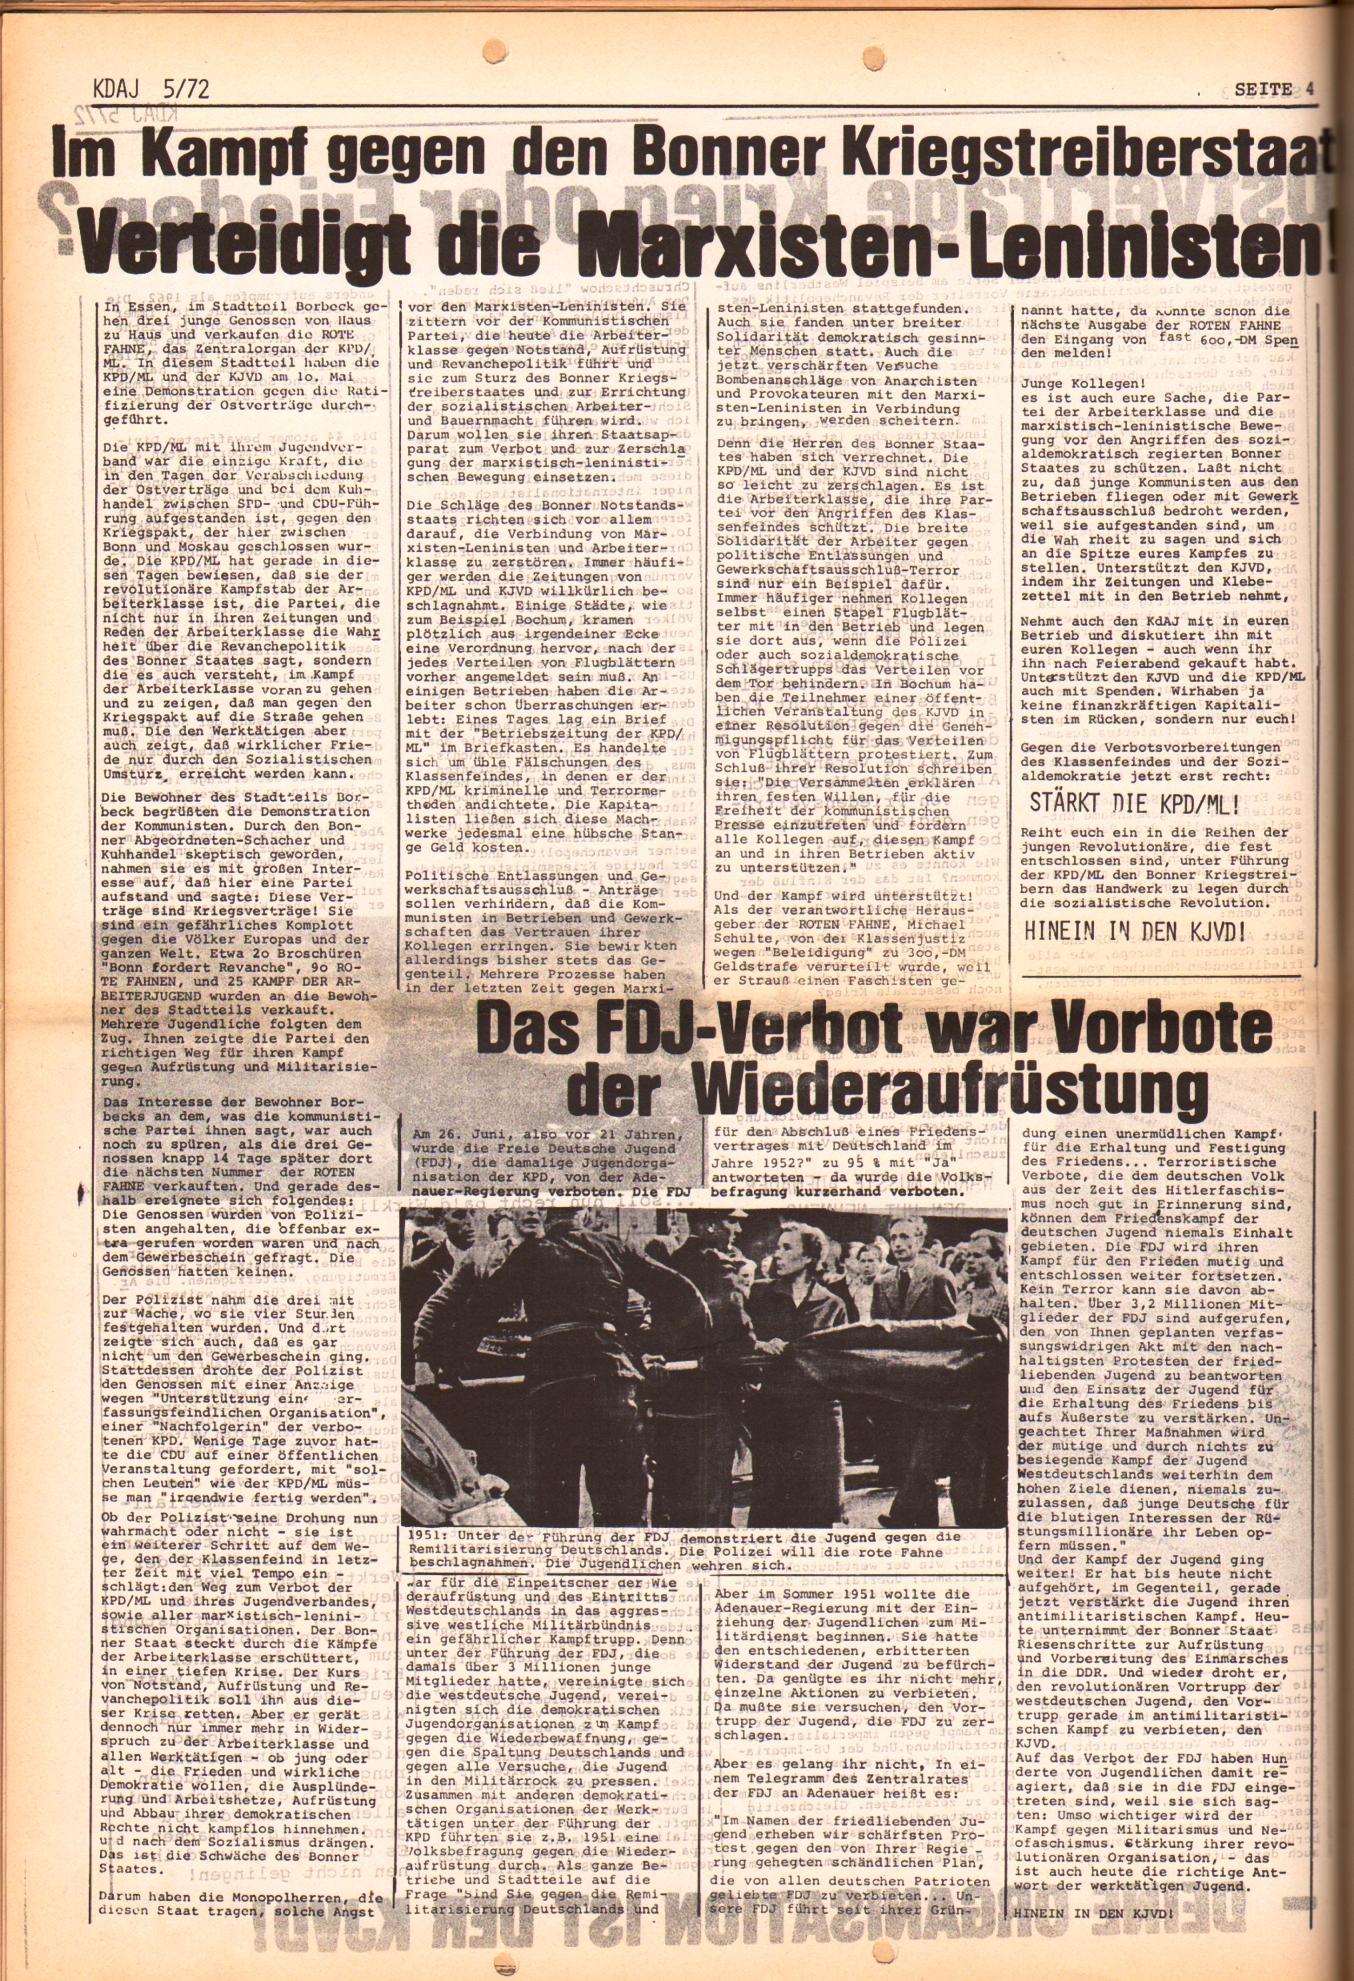 KDAJ, 3. Jg., Juni 1972, Nr. 5, Seite 4